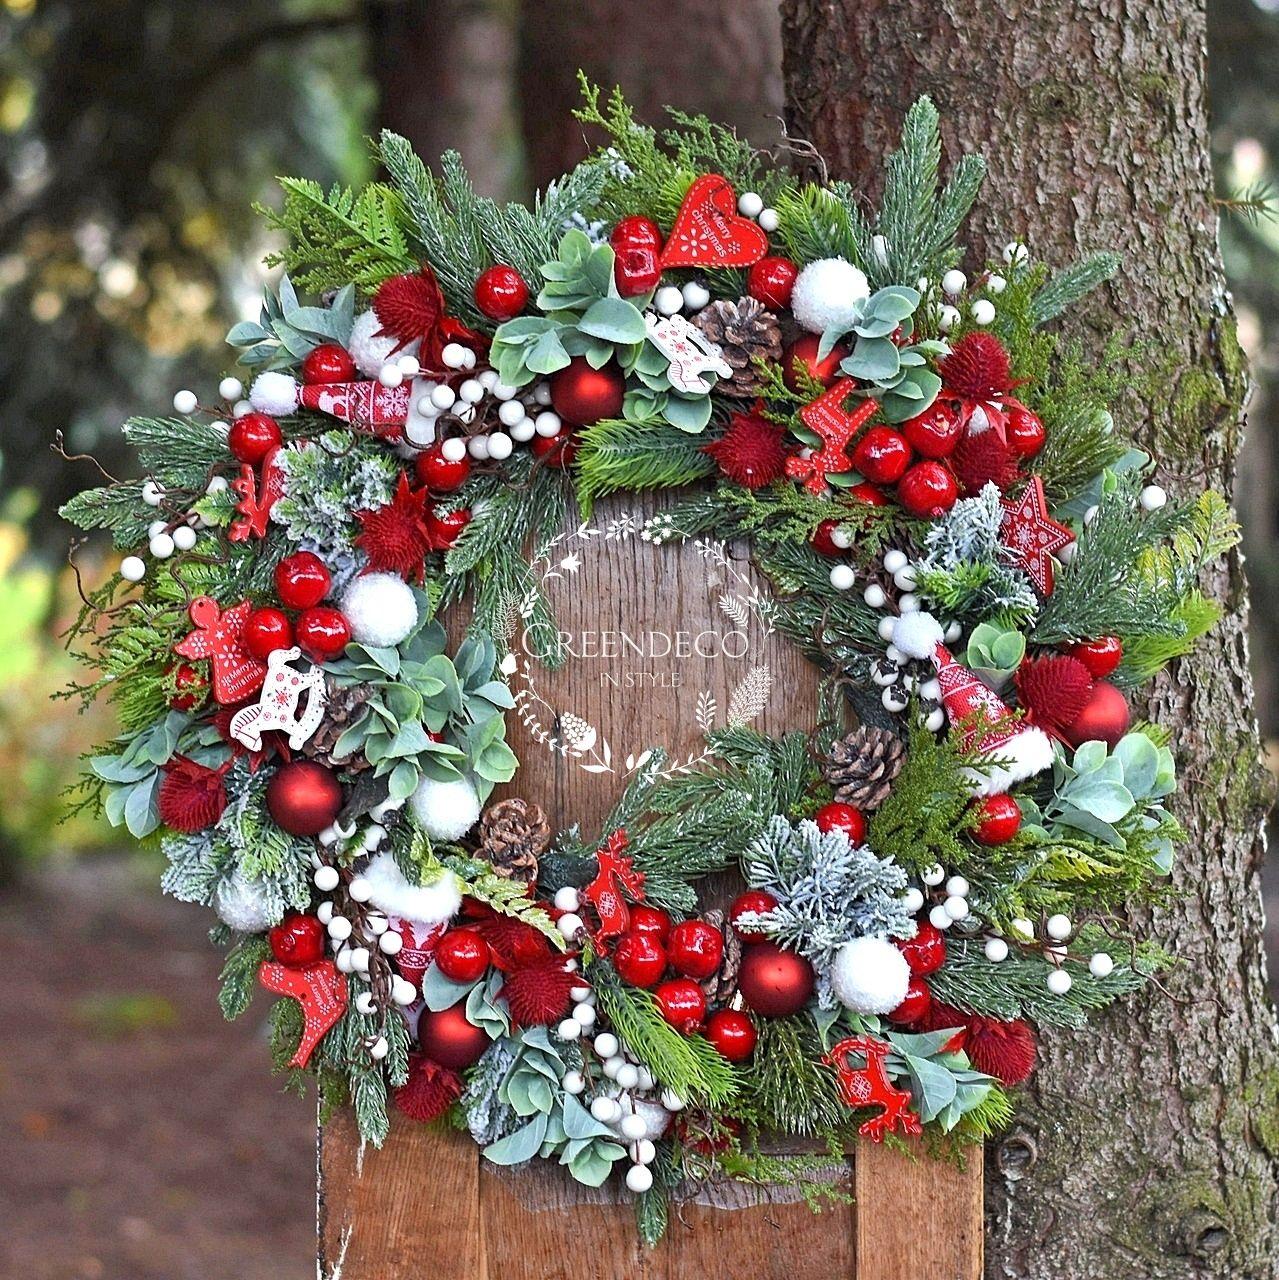 Wianek Swiateczny Christmas Wreaths Holiday Decor Flowers